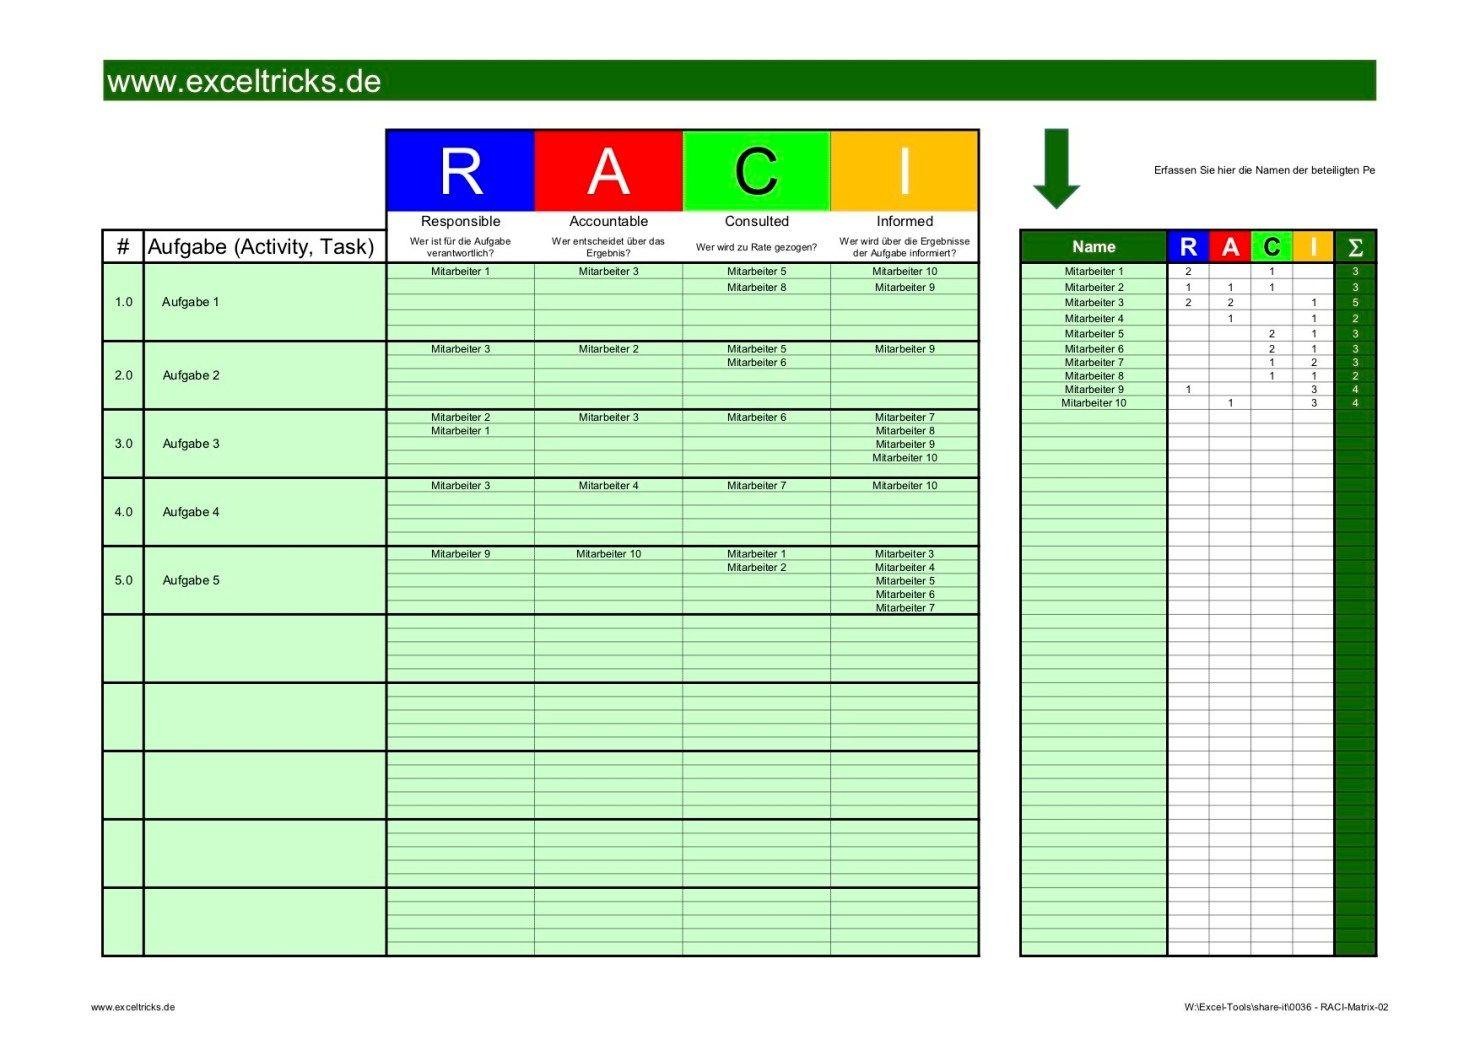 Mit Der Excel Vorlage Raci Matrix Den Uberblick Im Projekt Behalten Modell 2 Excel Vorlage